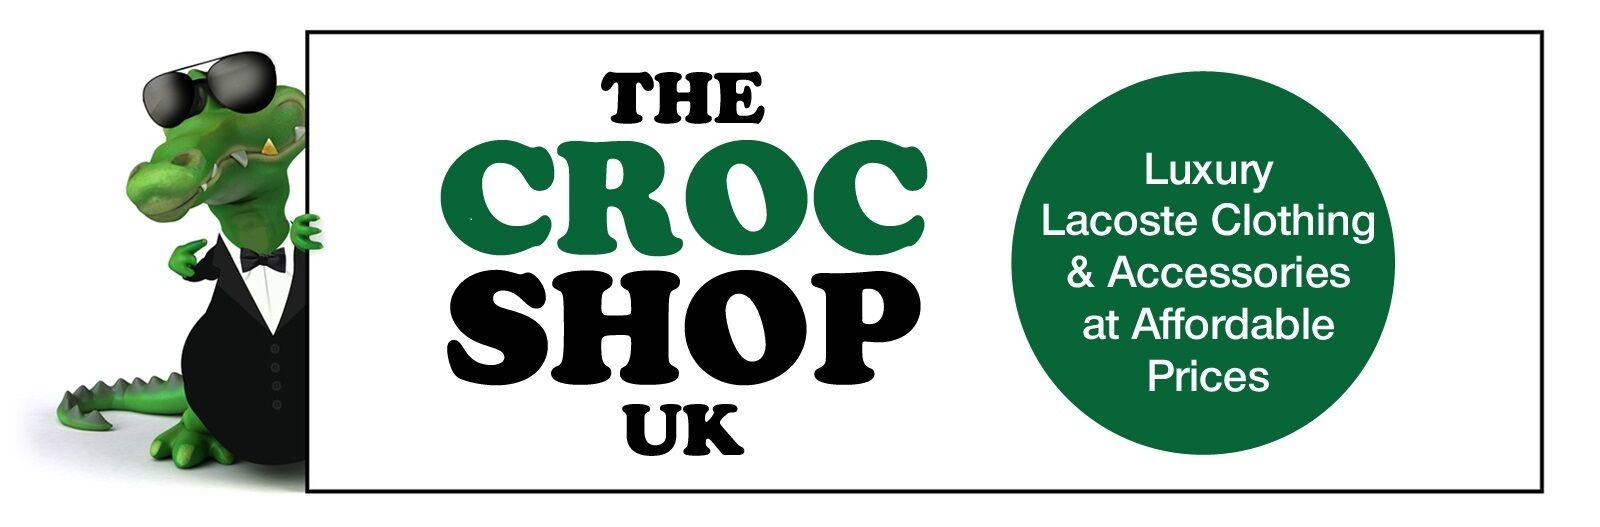 The Croc Shop UK